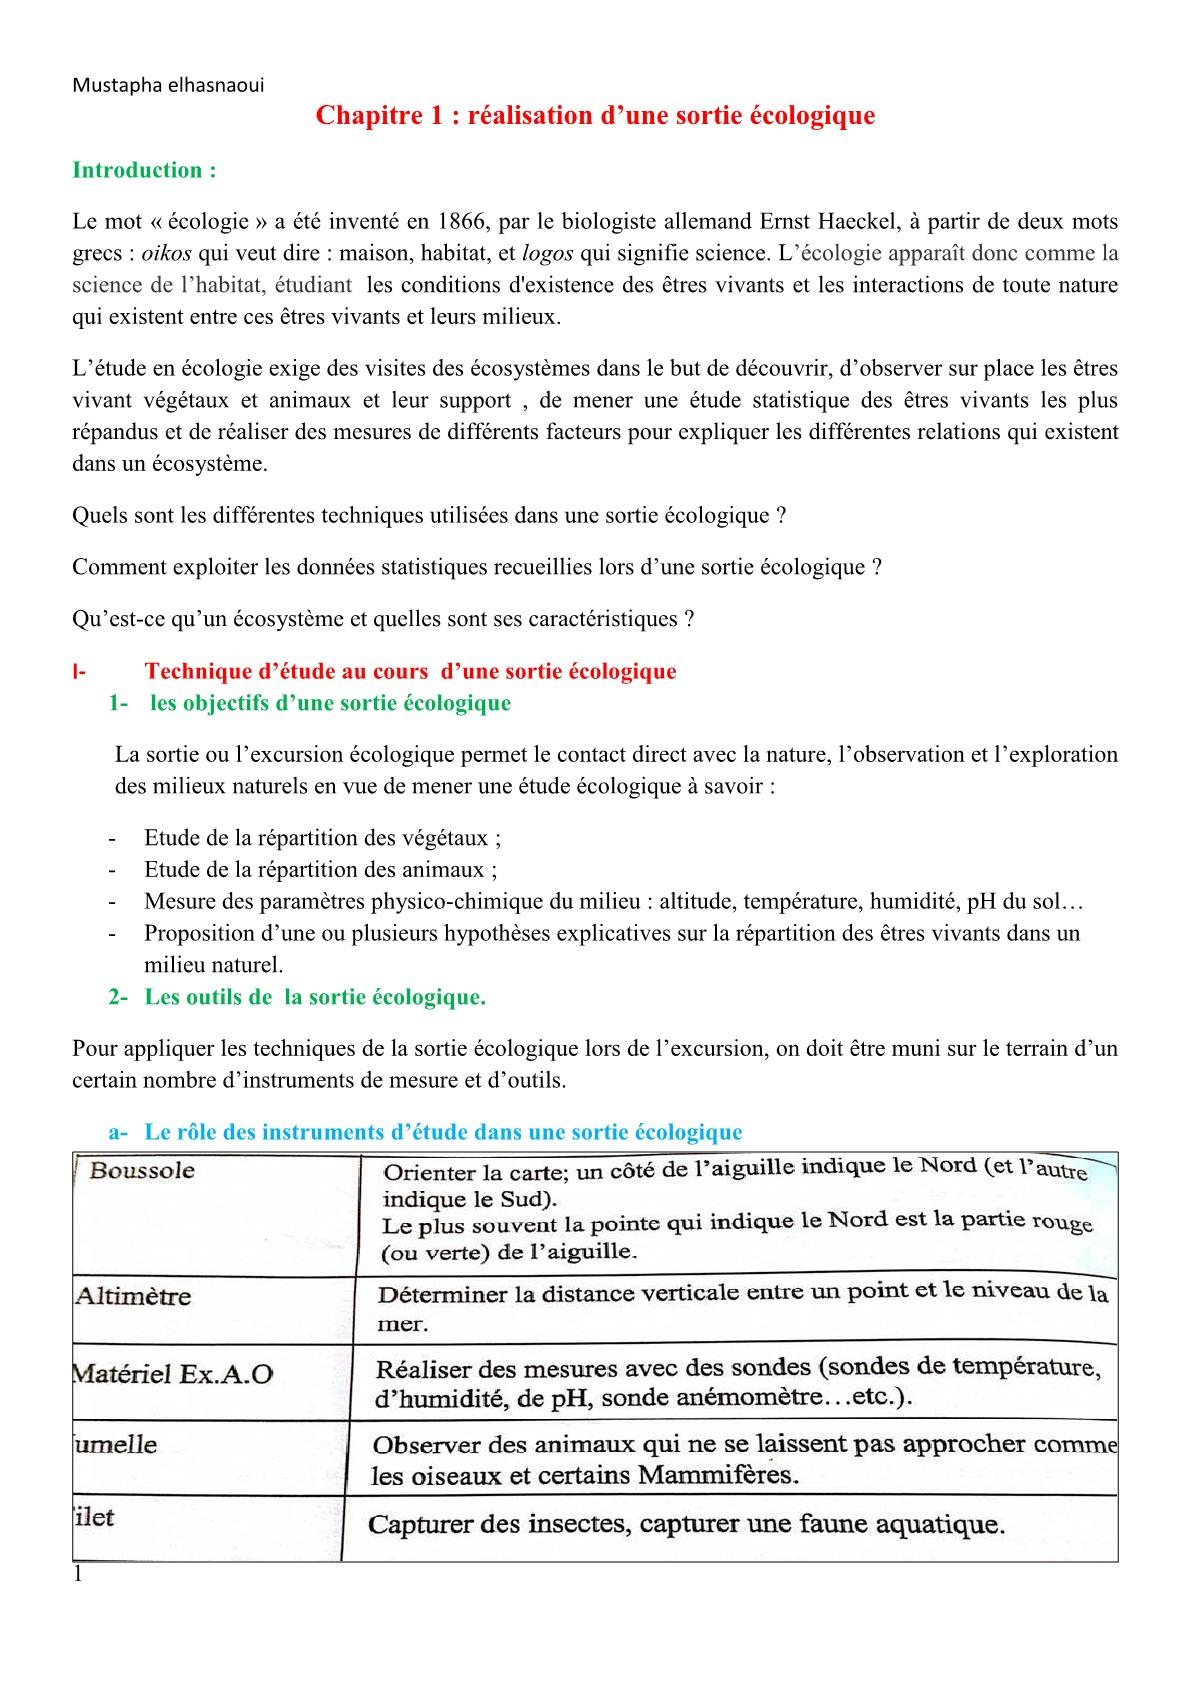 درس La sortie géologique للسنة الأولى اعدادي